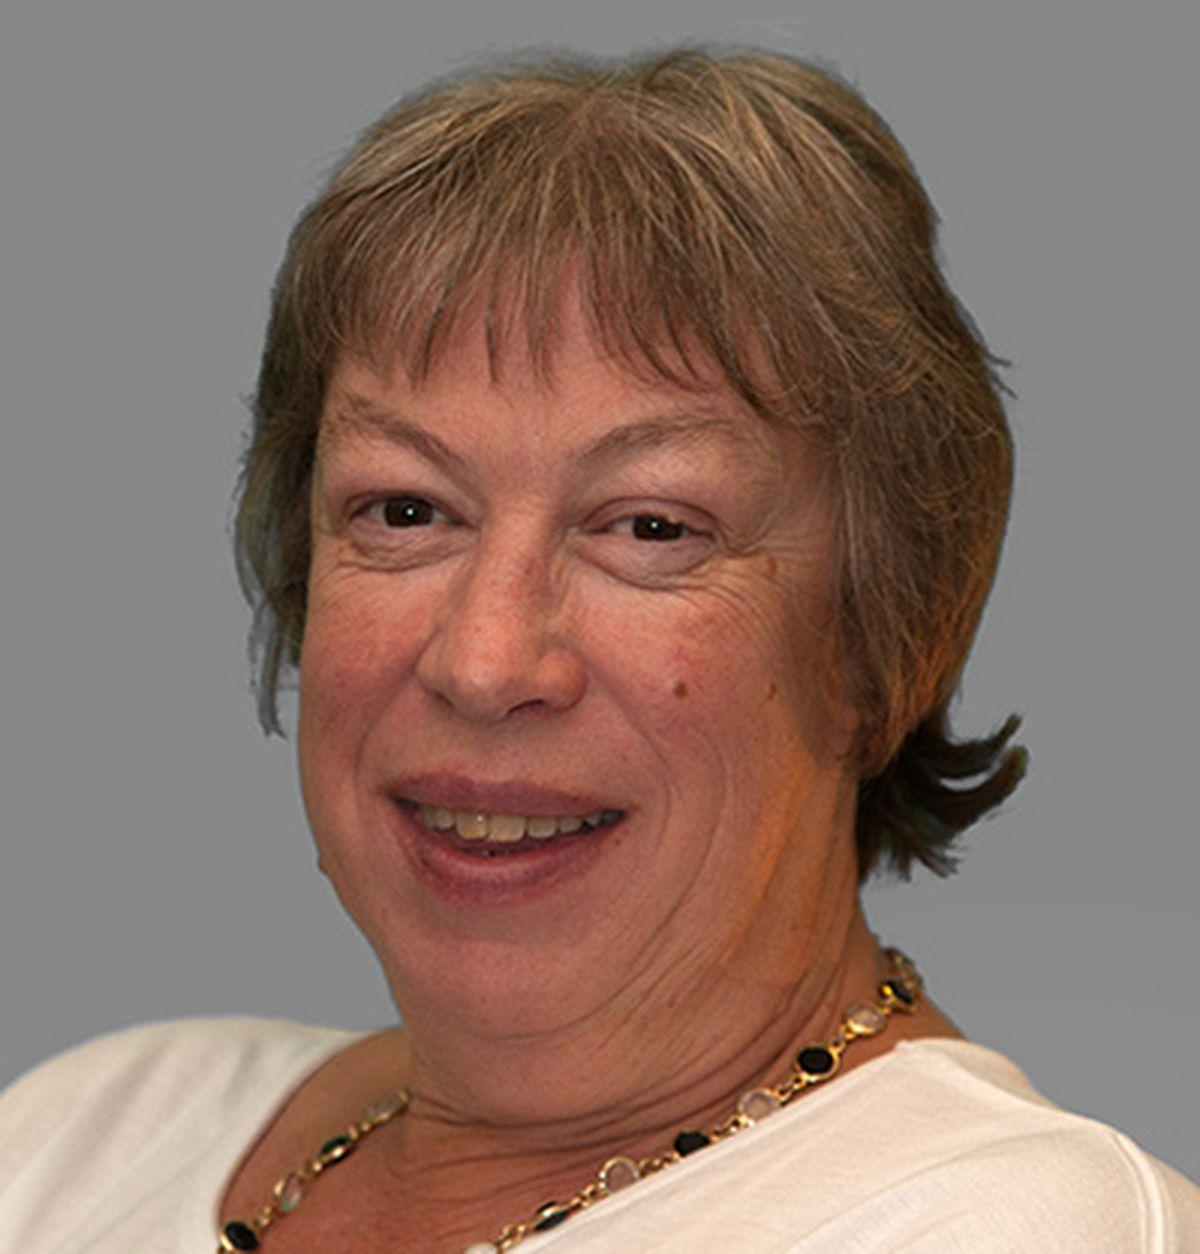 Councillor Joyce Underhill has been deselected